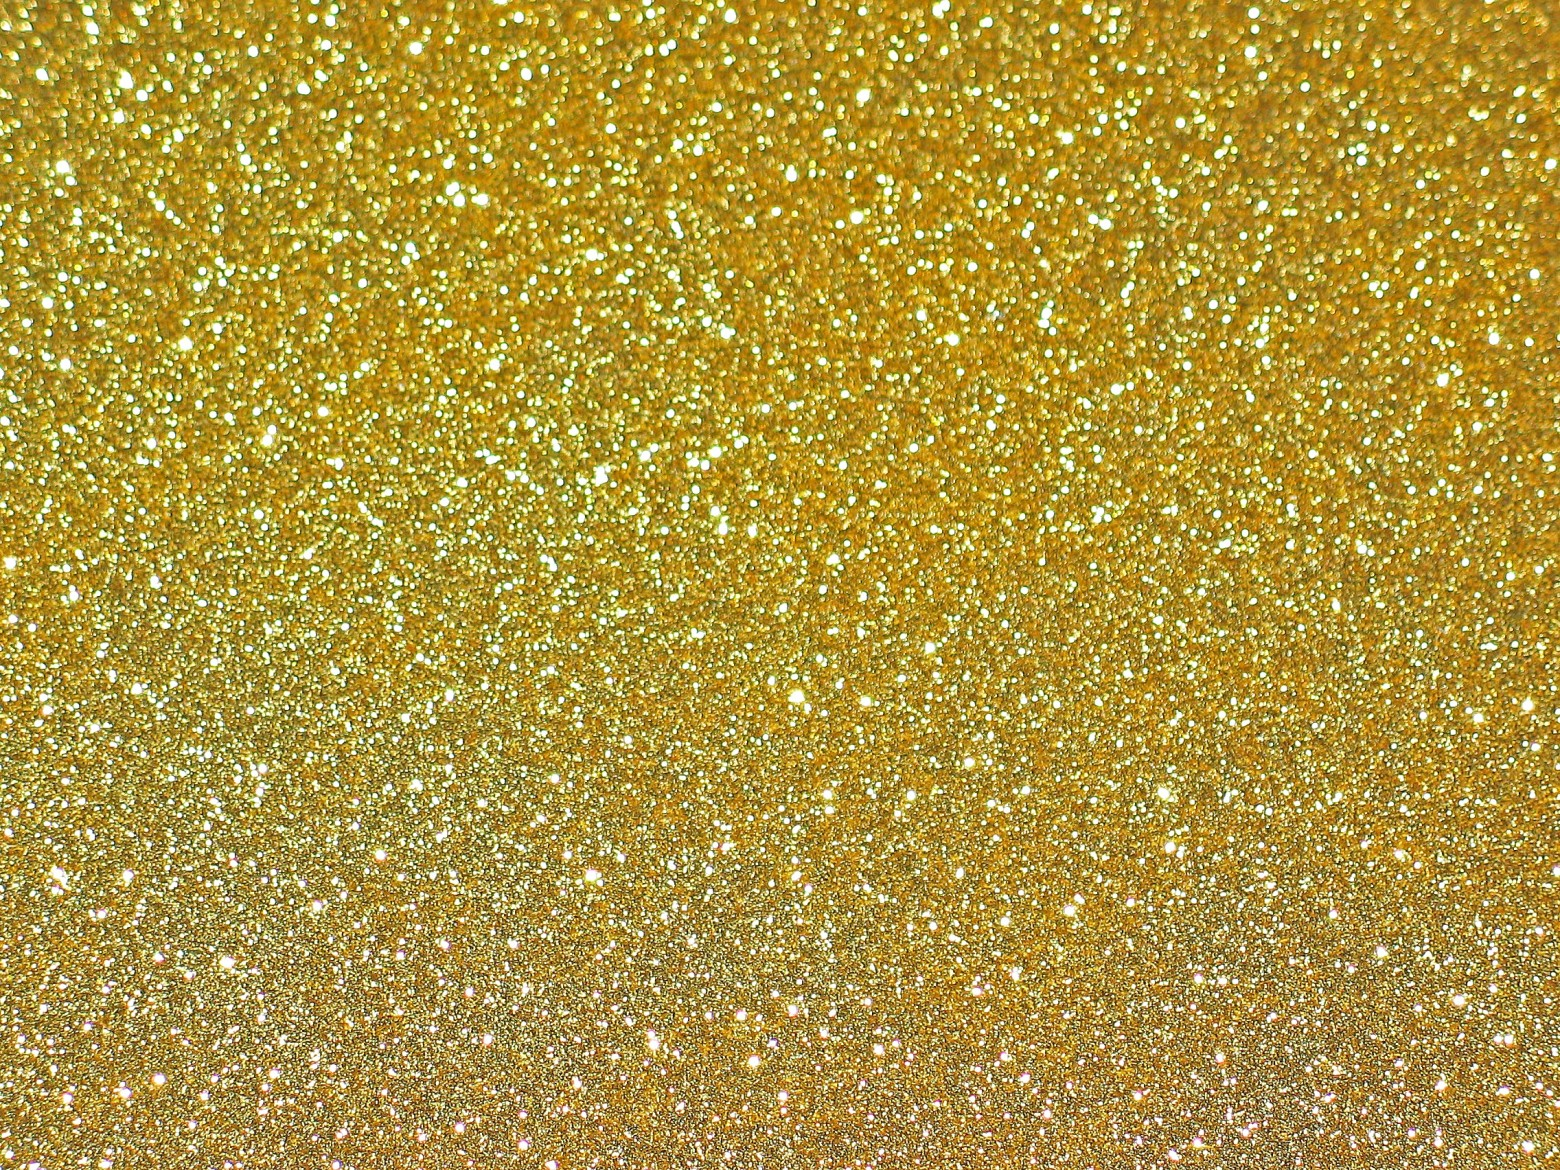 Fond Doré fond doré or brillant pailleté | images gratuites et libres de droits